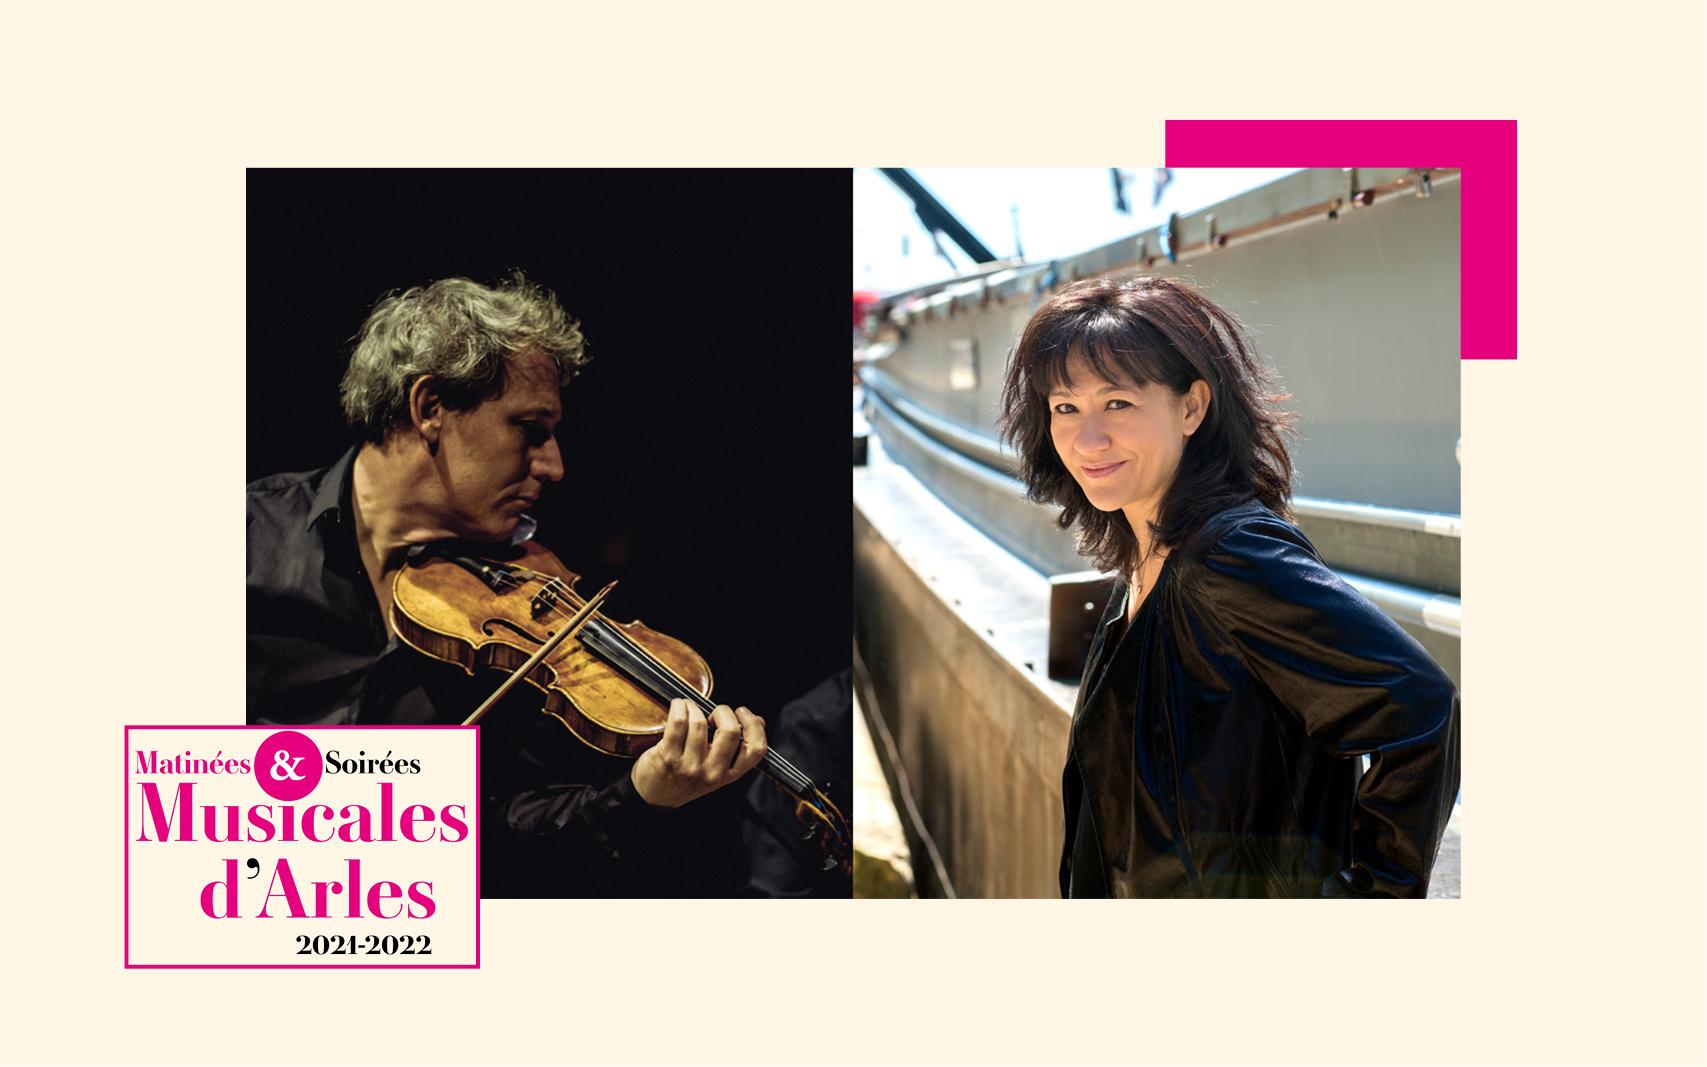 Voilà une affiche remarquable pour lancer la saison 2021-2022 du Méjan, avec ce violoniste hors-norme et cette grande dame du piano français et fidèles des Matinées & Soirées Musicales d'Arles.